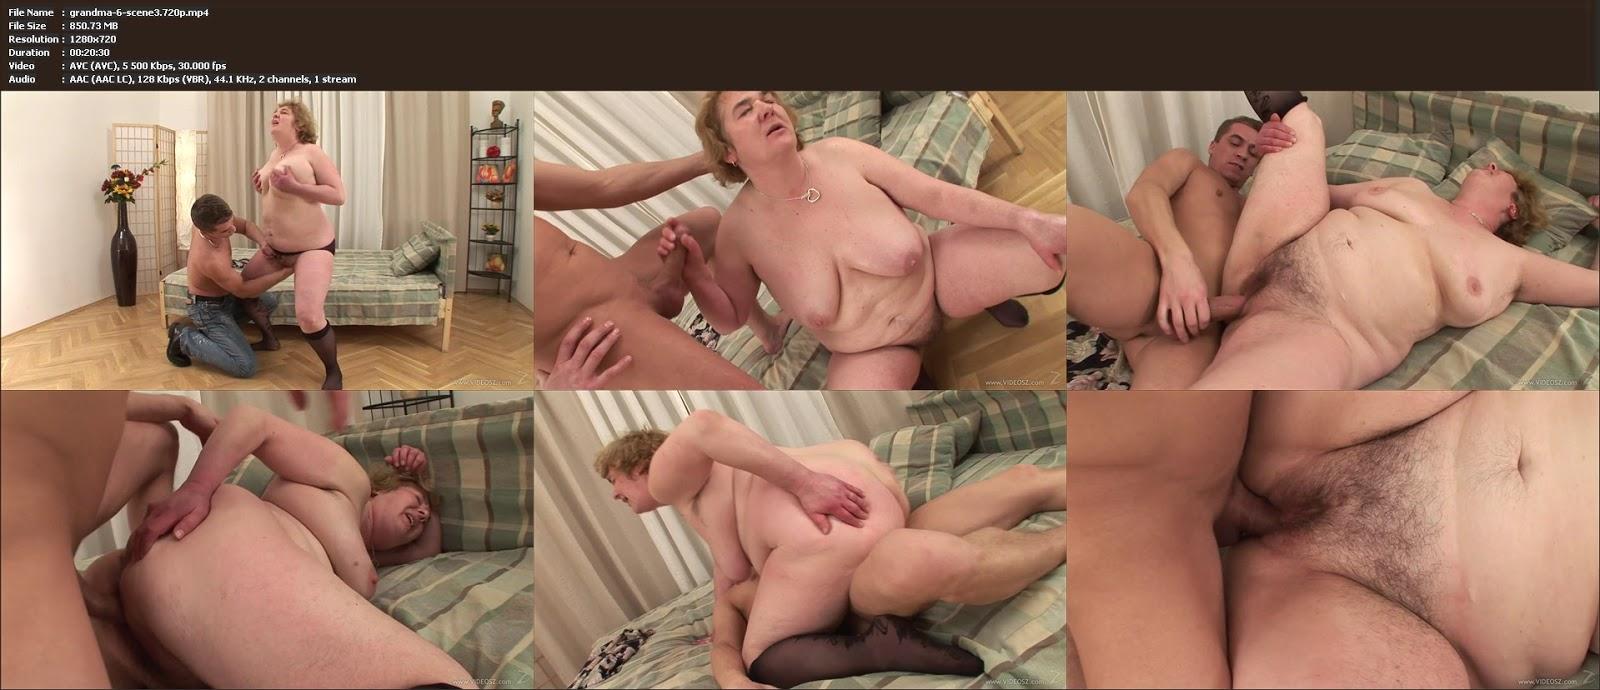 sexe chinois vidéo sexe matures